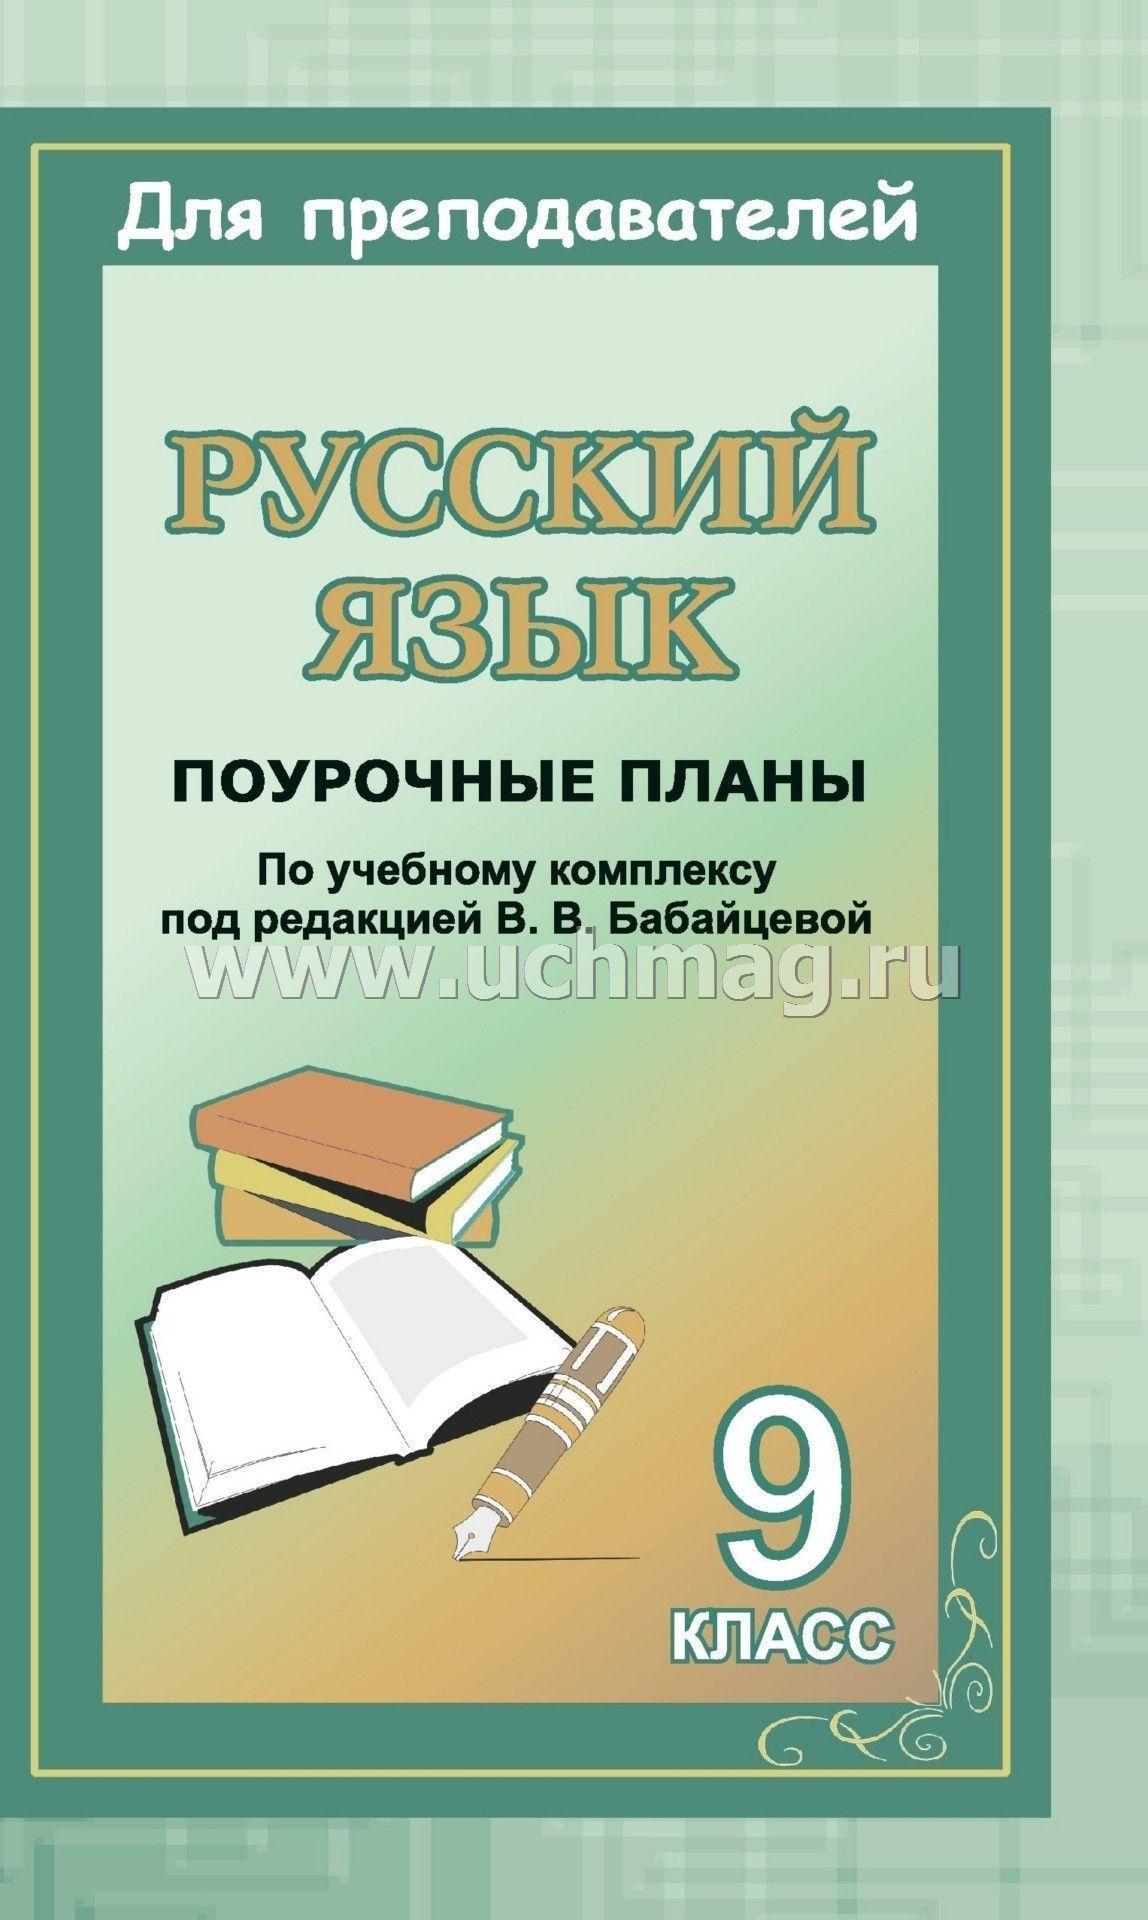 Учебник Русского Языка 5-9 Класс Теория Бабайцева Скачать Бесплатно